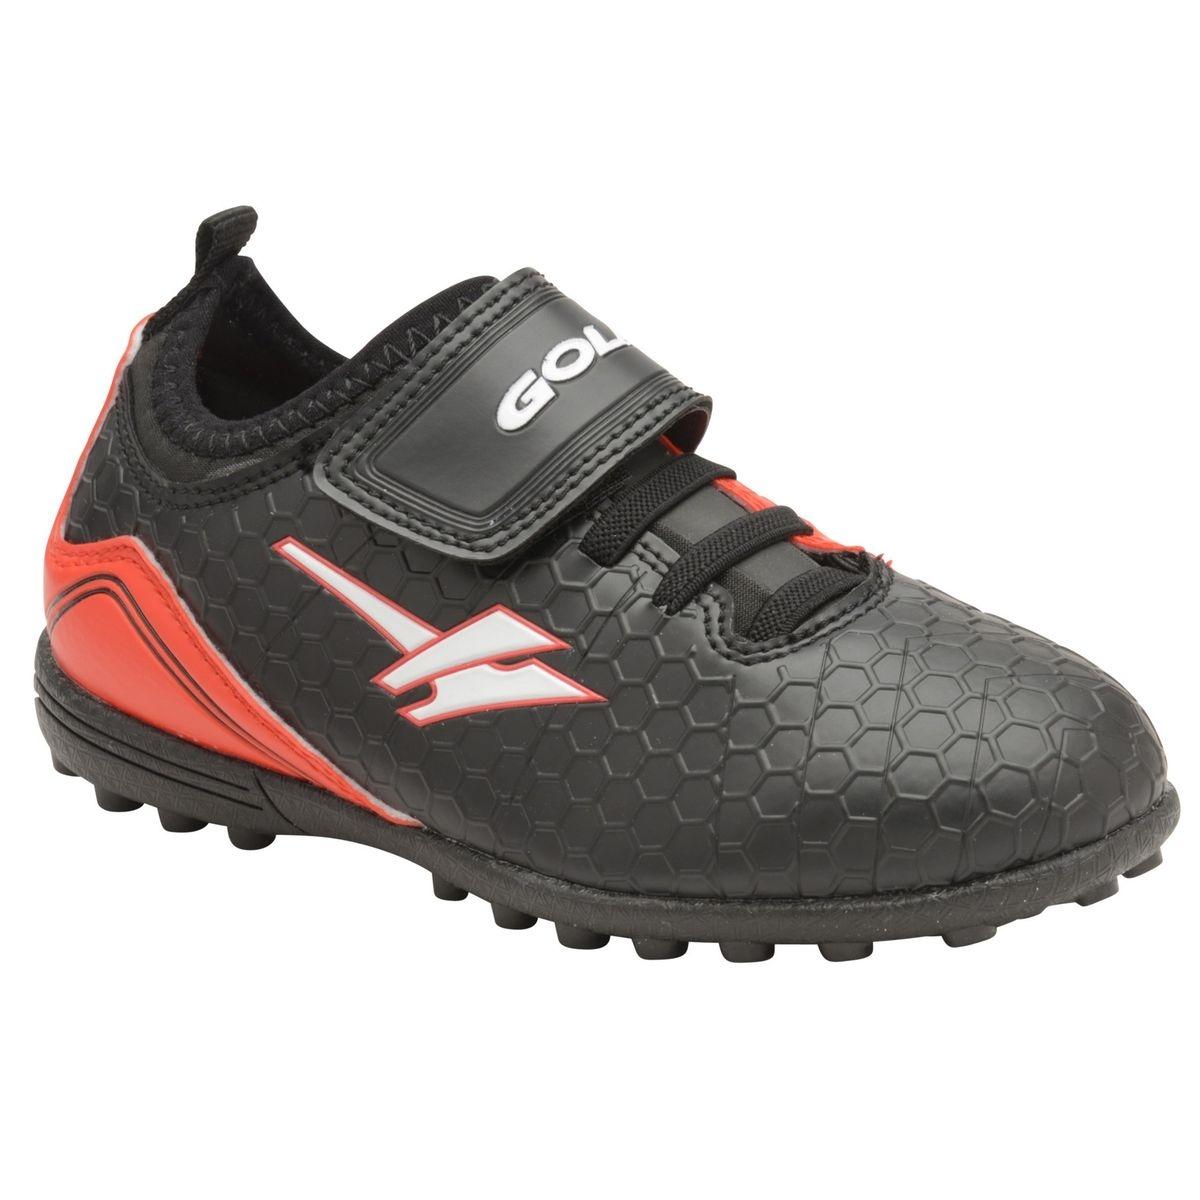 Chaussures de football enfant Apex VX